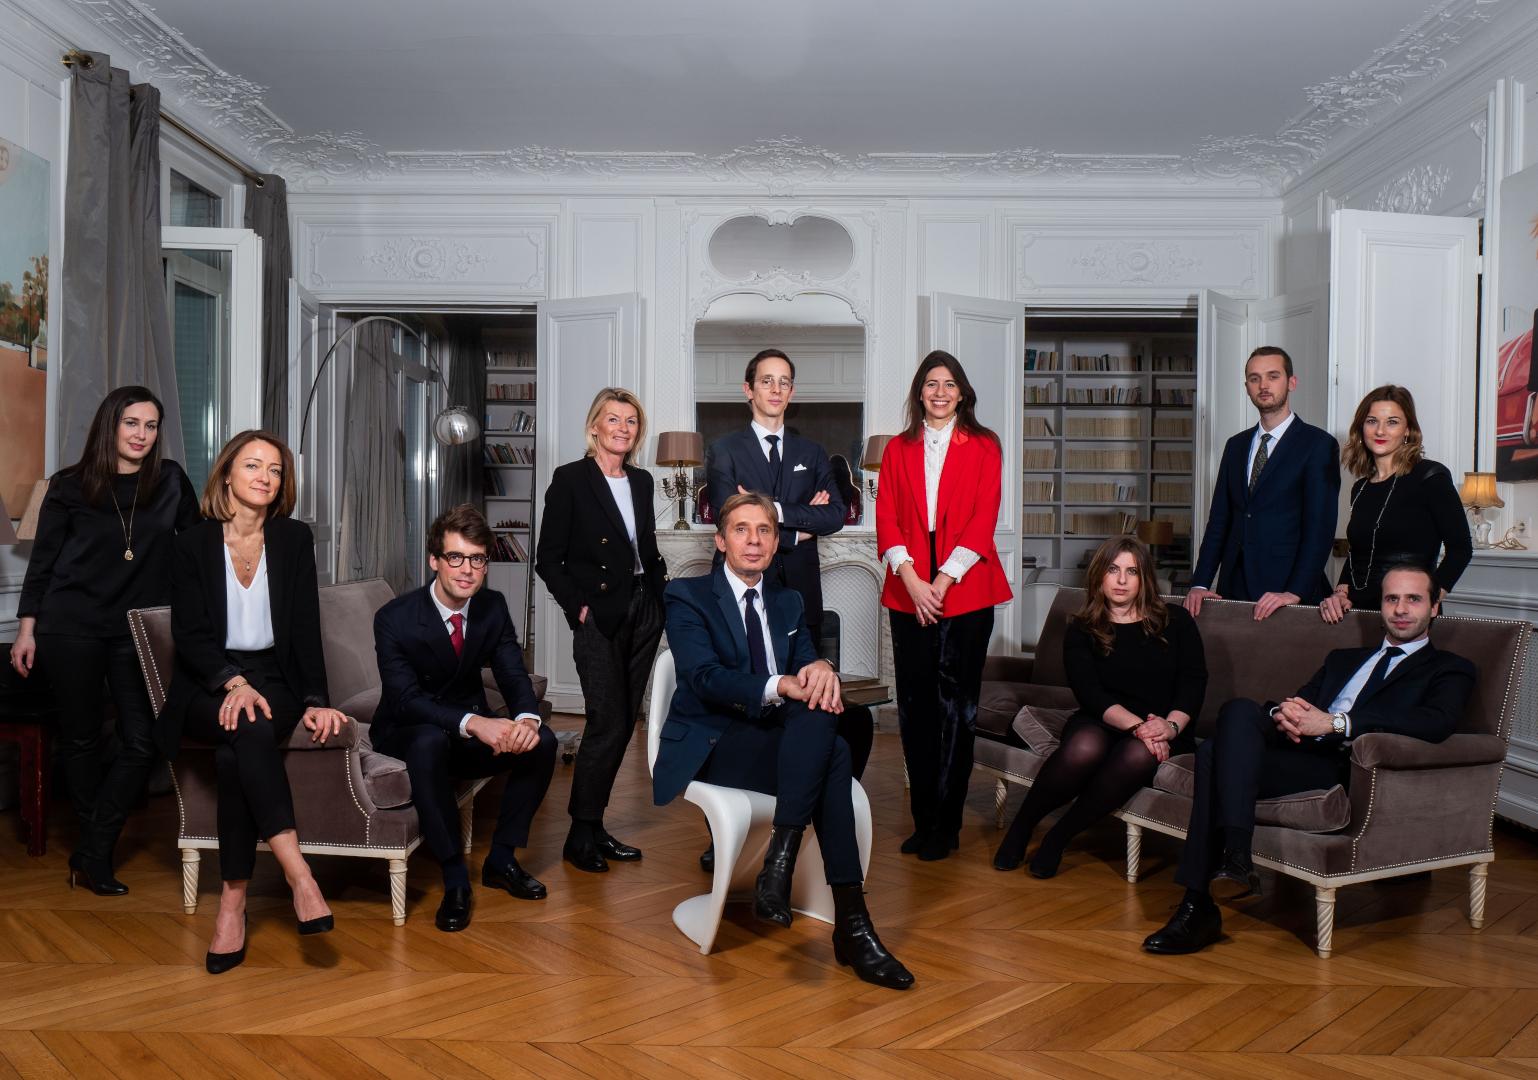 Olivier Pardo s'entoure d'une équipe de six associés pour fonder Oplus, une structure consacrée au droit des procédures collectives, pénal, des affaires et aux contentieux.